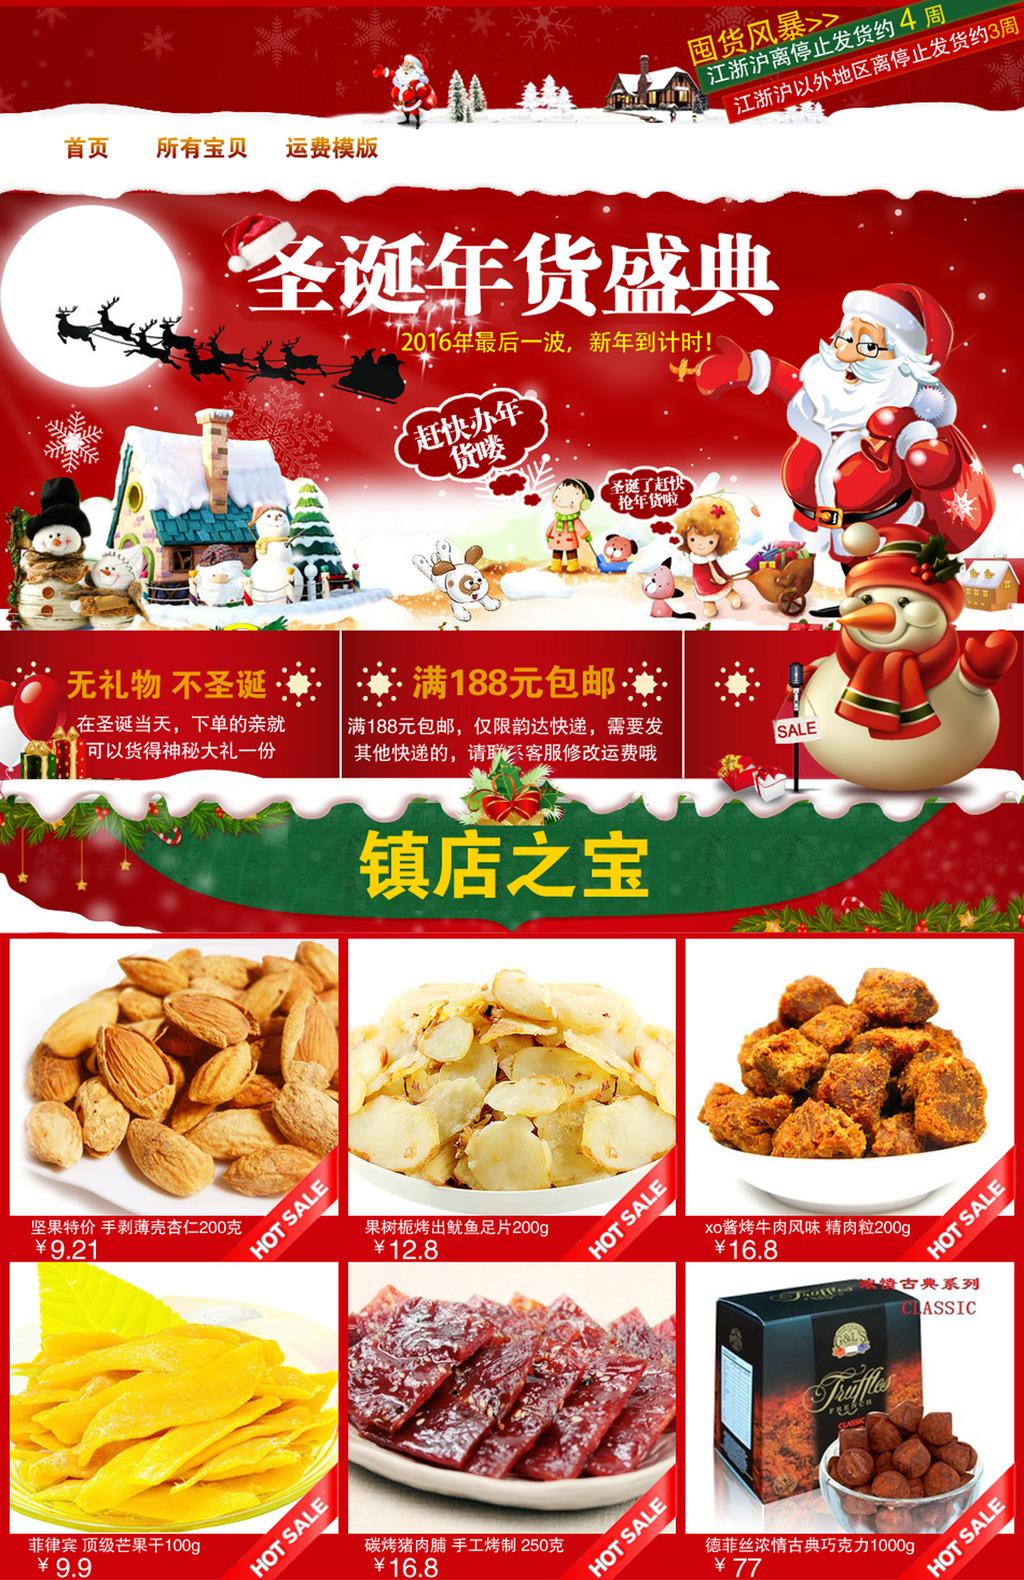 淘宝天猫特产干果关联销售模板模板下载 11974112 关联销售 淘宝综合